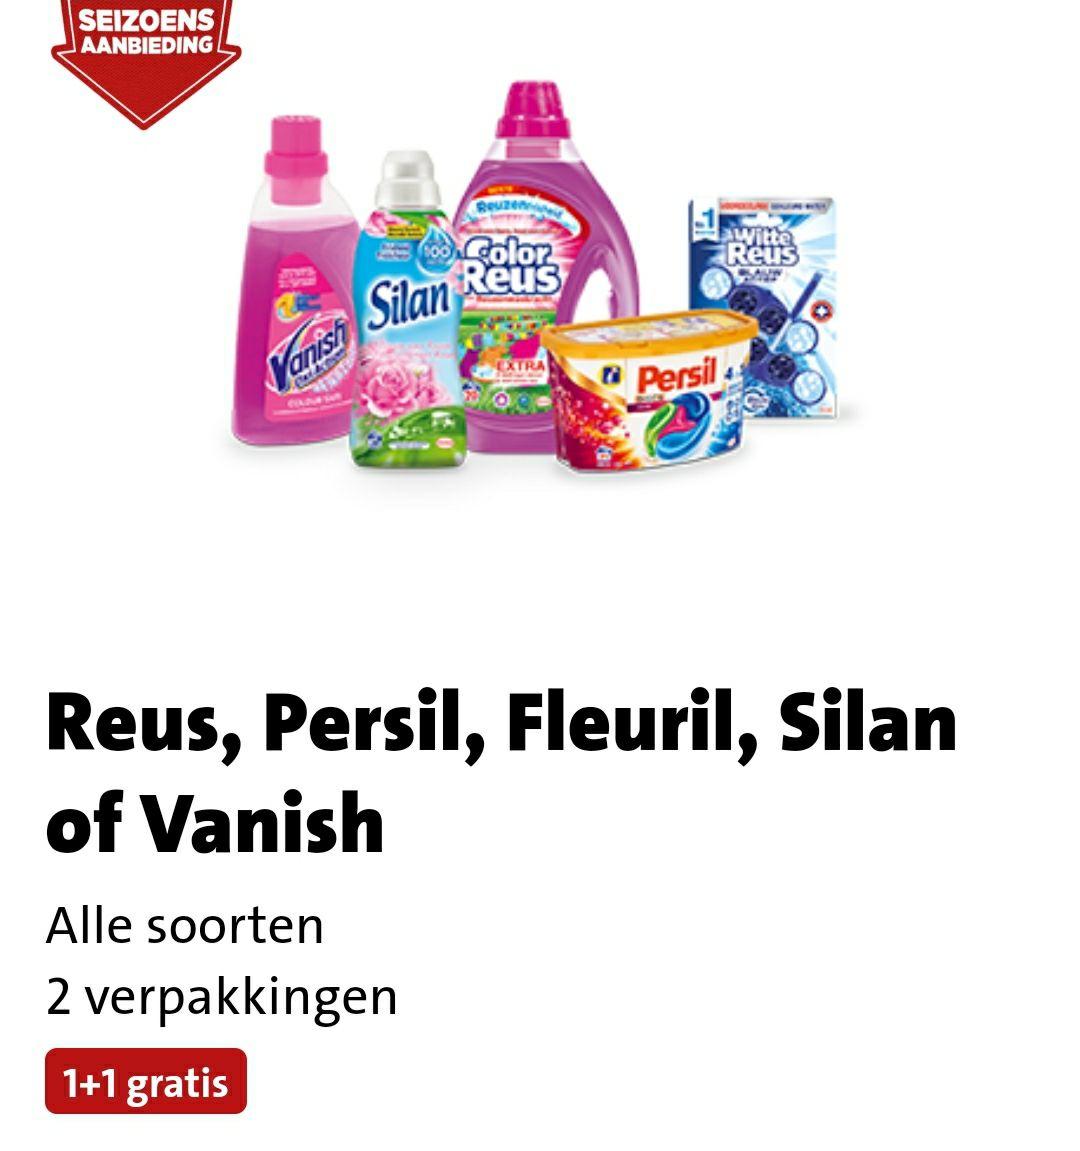 1+1 gratis op Reus, Persil, Fleuril, Silan of Vanish bij Jumbo